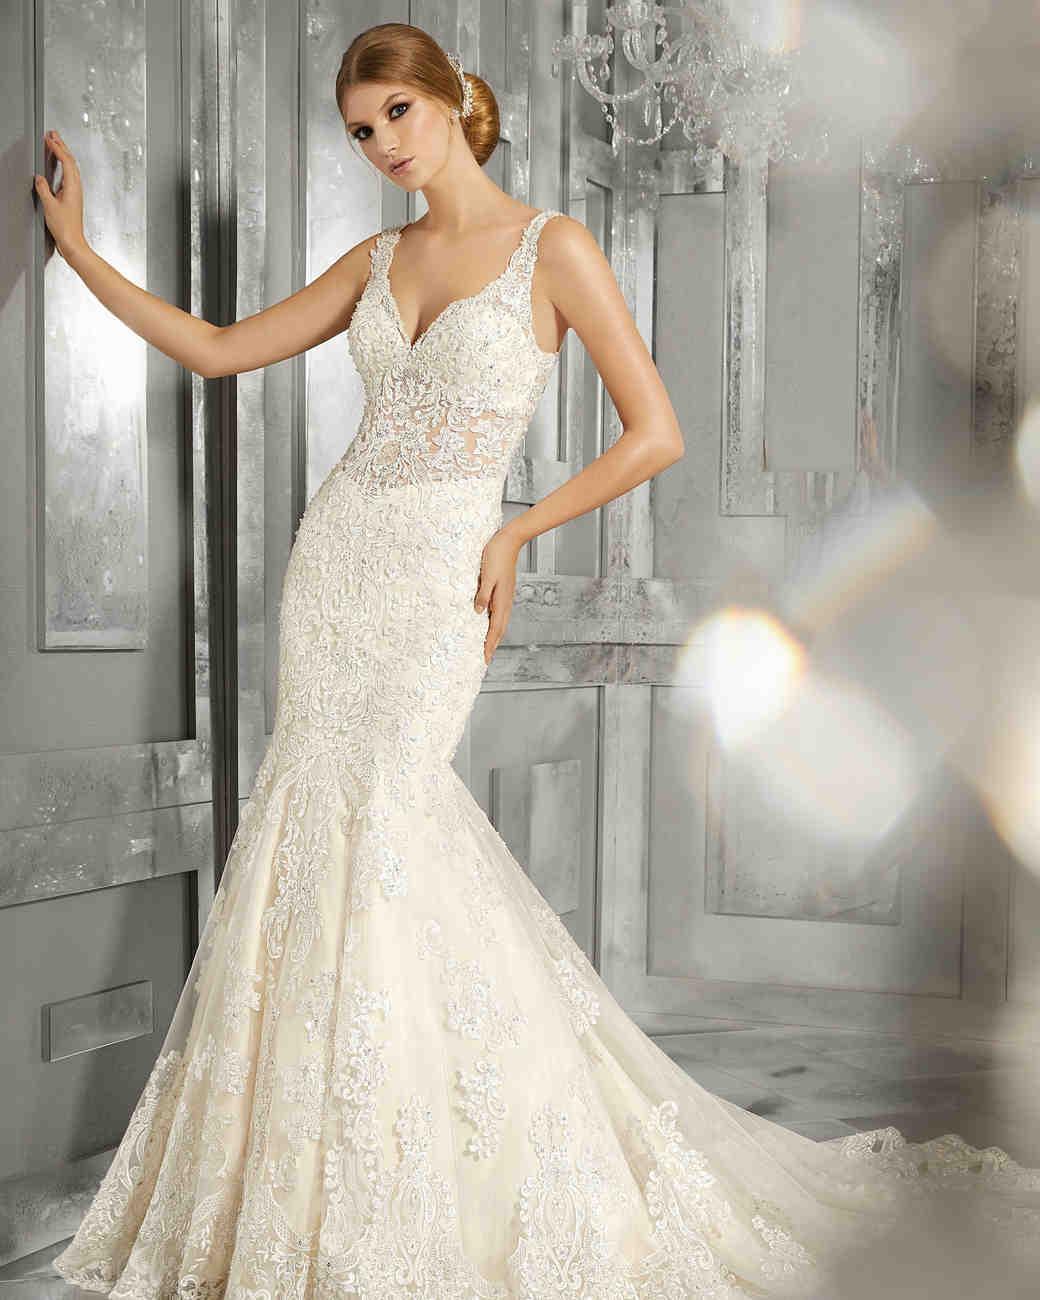 morilee wedding dress spring 2018 v-neck embellished trumpet